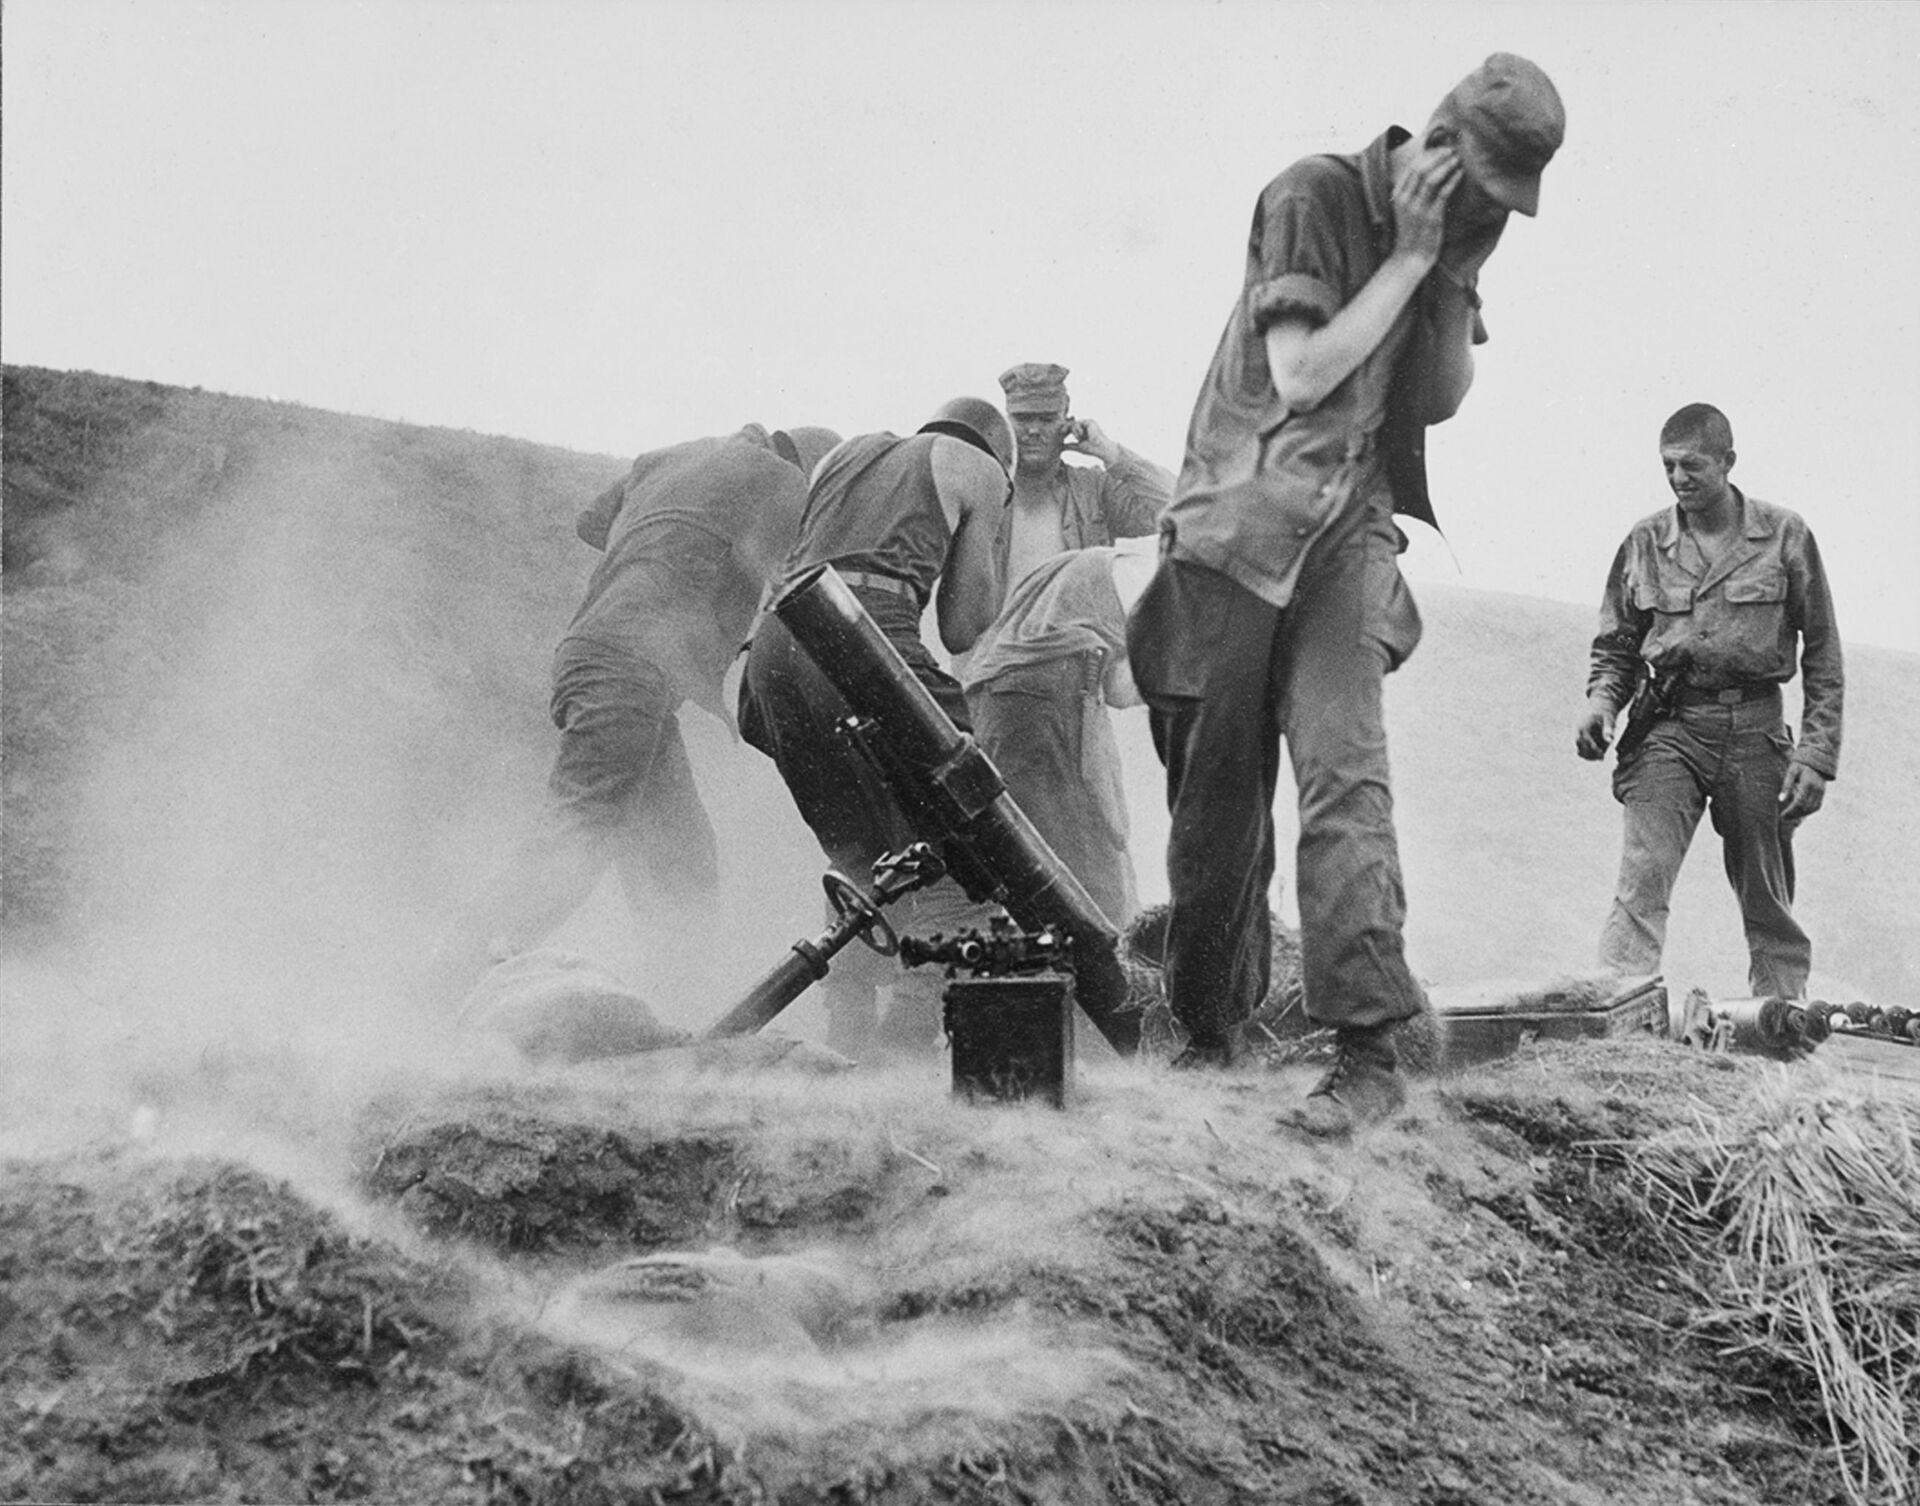 Đừng quên điều này: các phi công Liên Xô đã gây ra thảm họa cho Không quân Mỹ như thế nào? - Sputnik Việt Nam, 1920, 13.04.2021